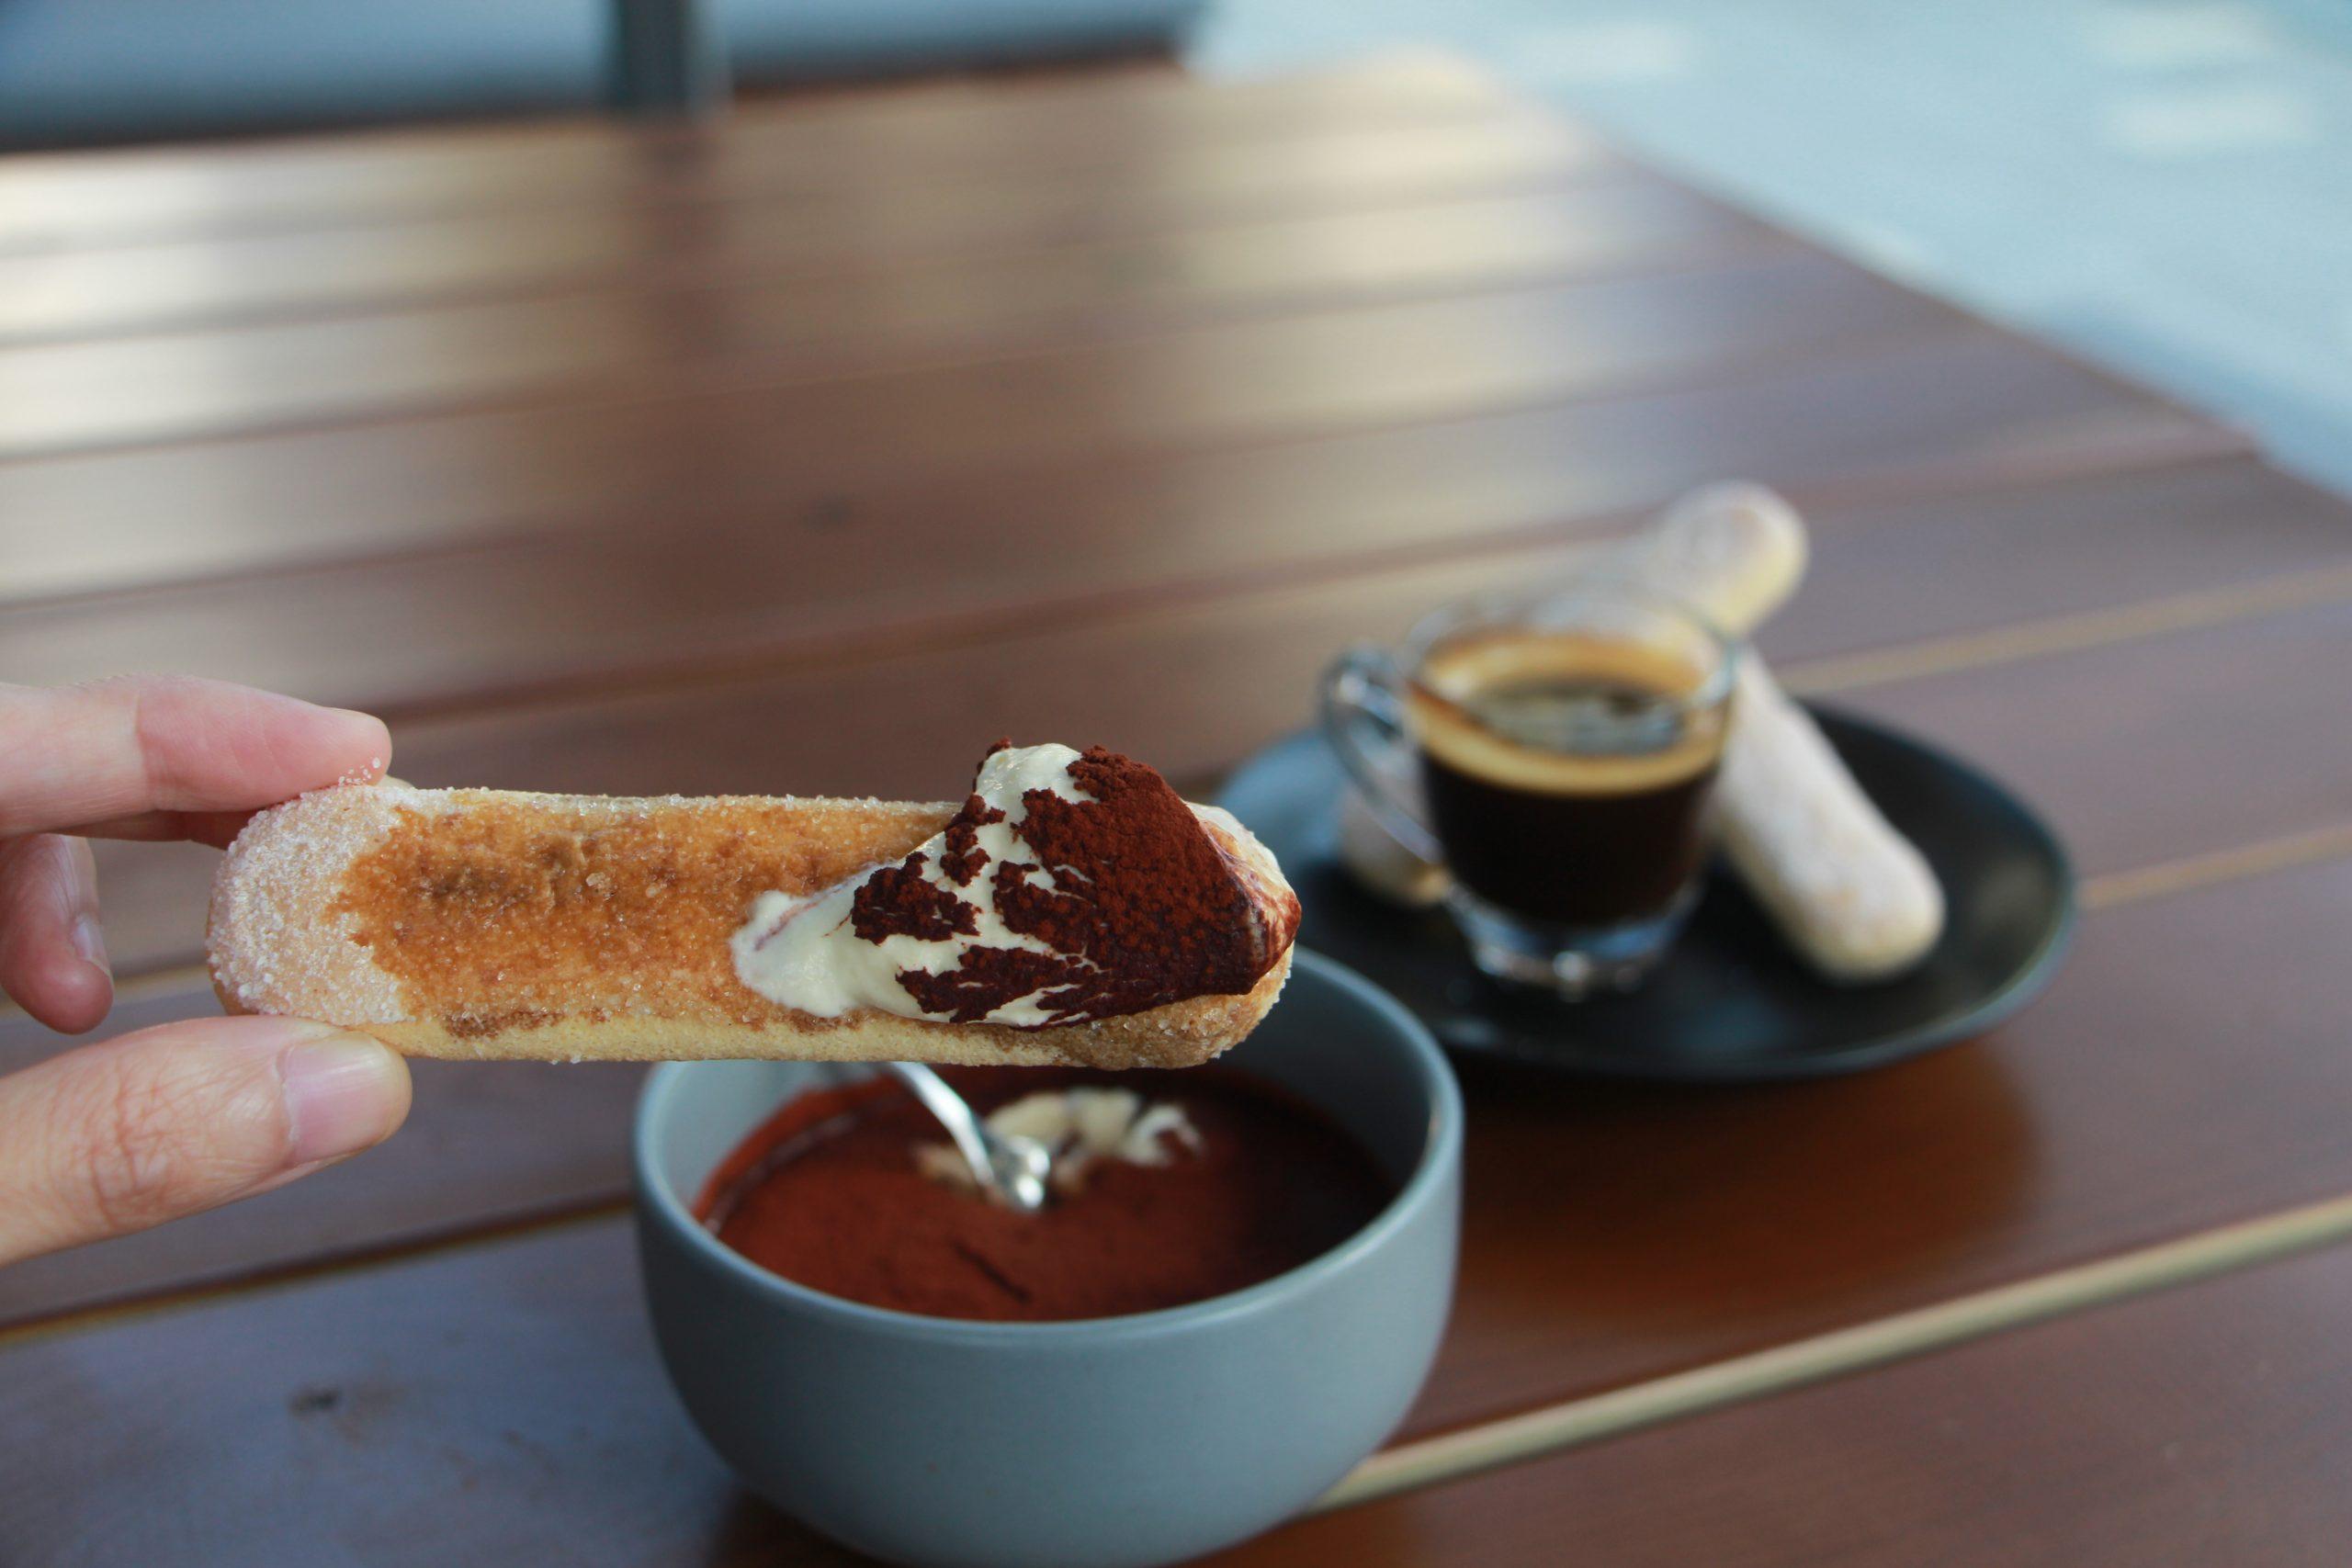 JEP by Involtini 屯門 意大利粉 西餐 黃店 Do It Yourself Tiramisu 咖啡 手指餅 忌廉